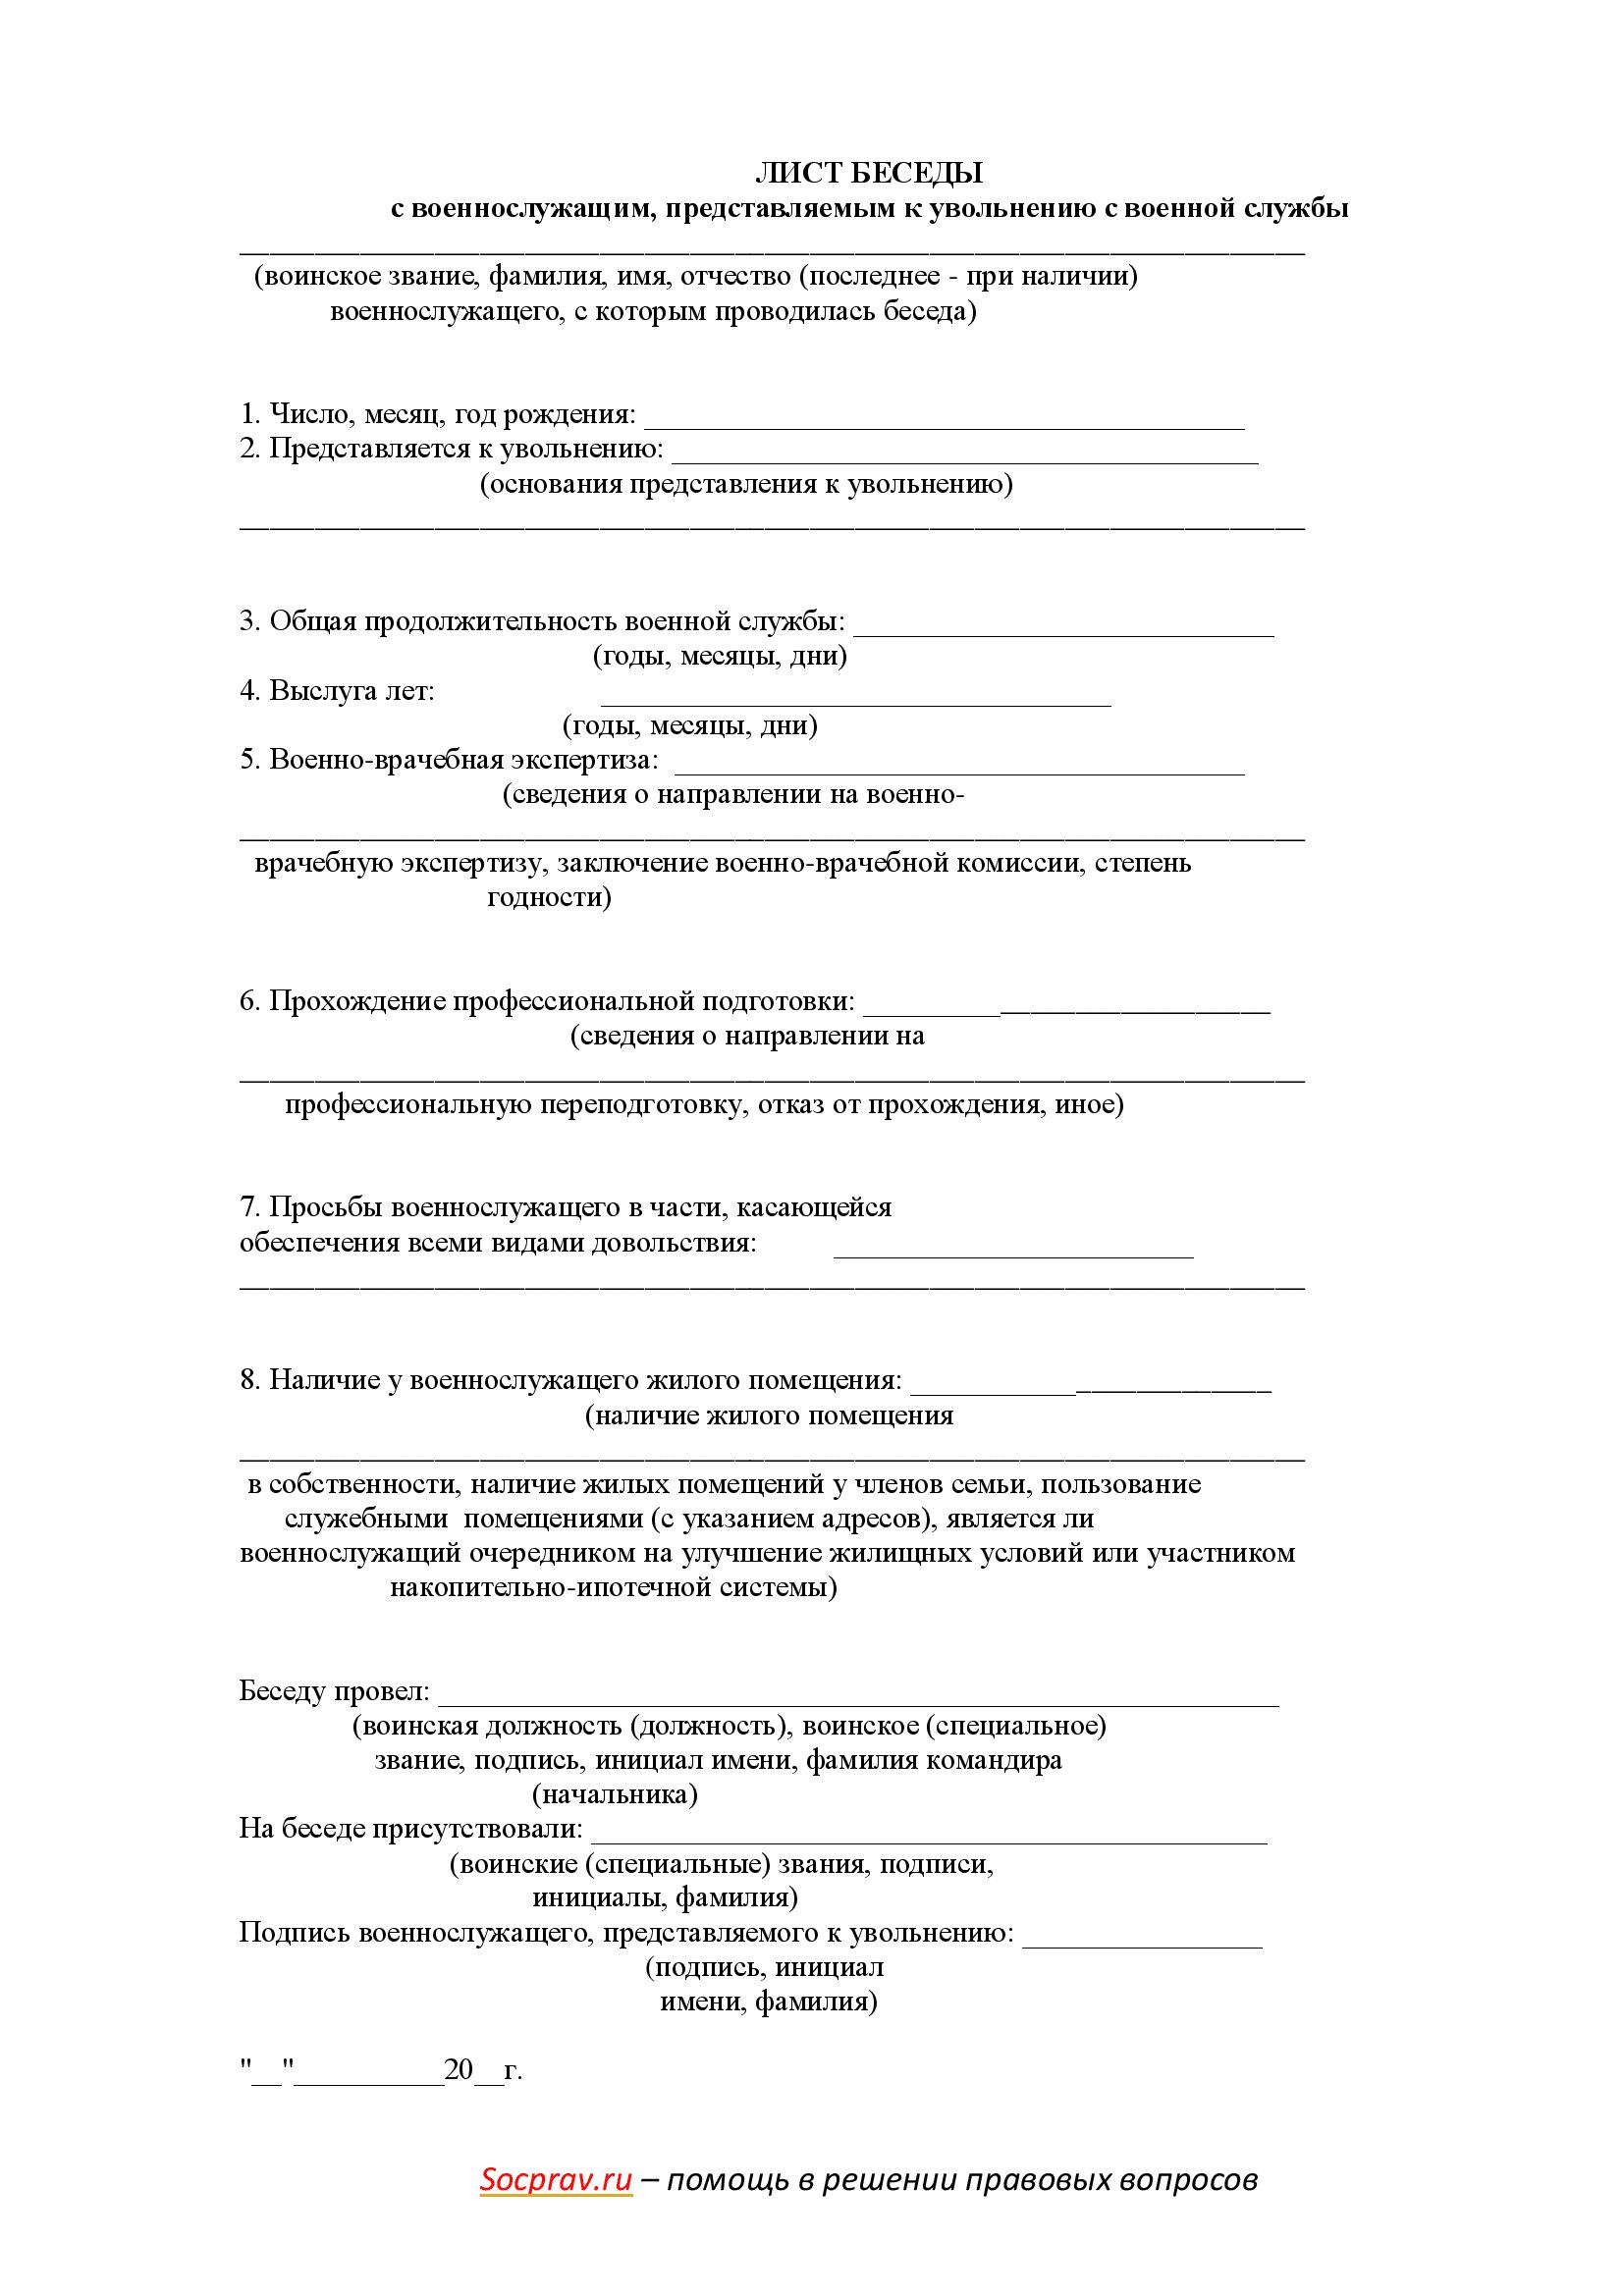 Лист беседы с военнослужащим, представляемым к увольнению с военной службы